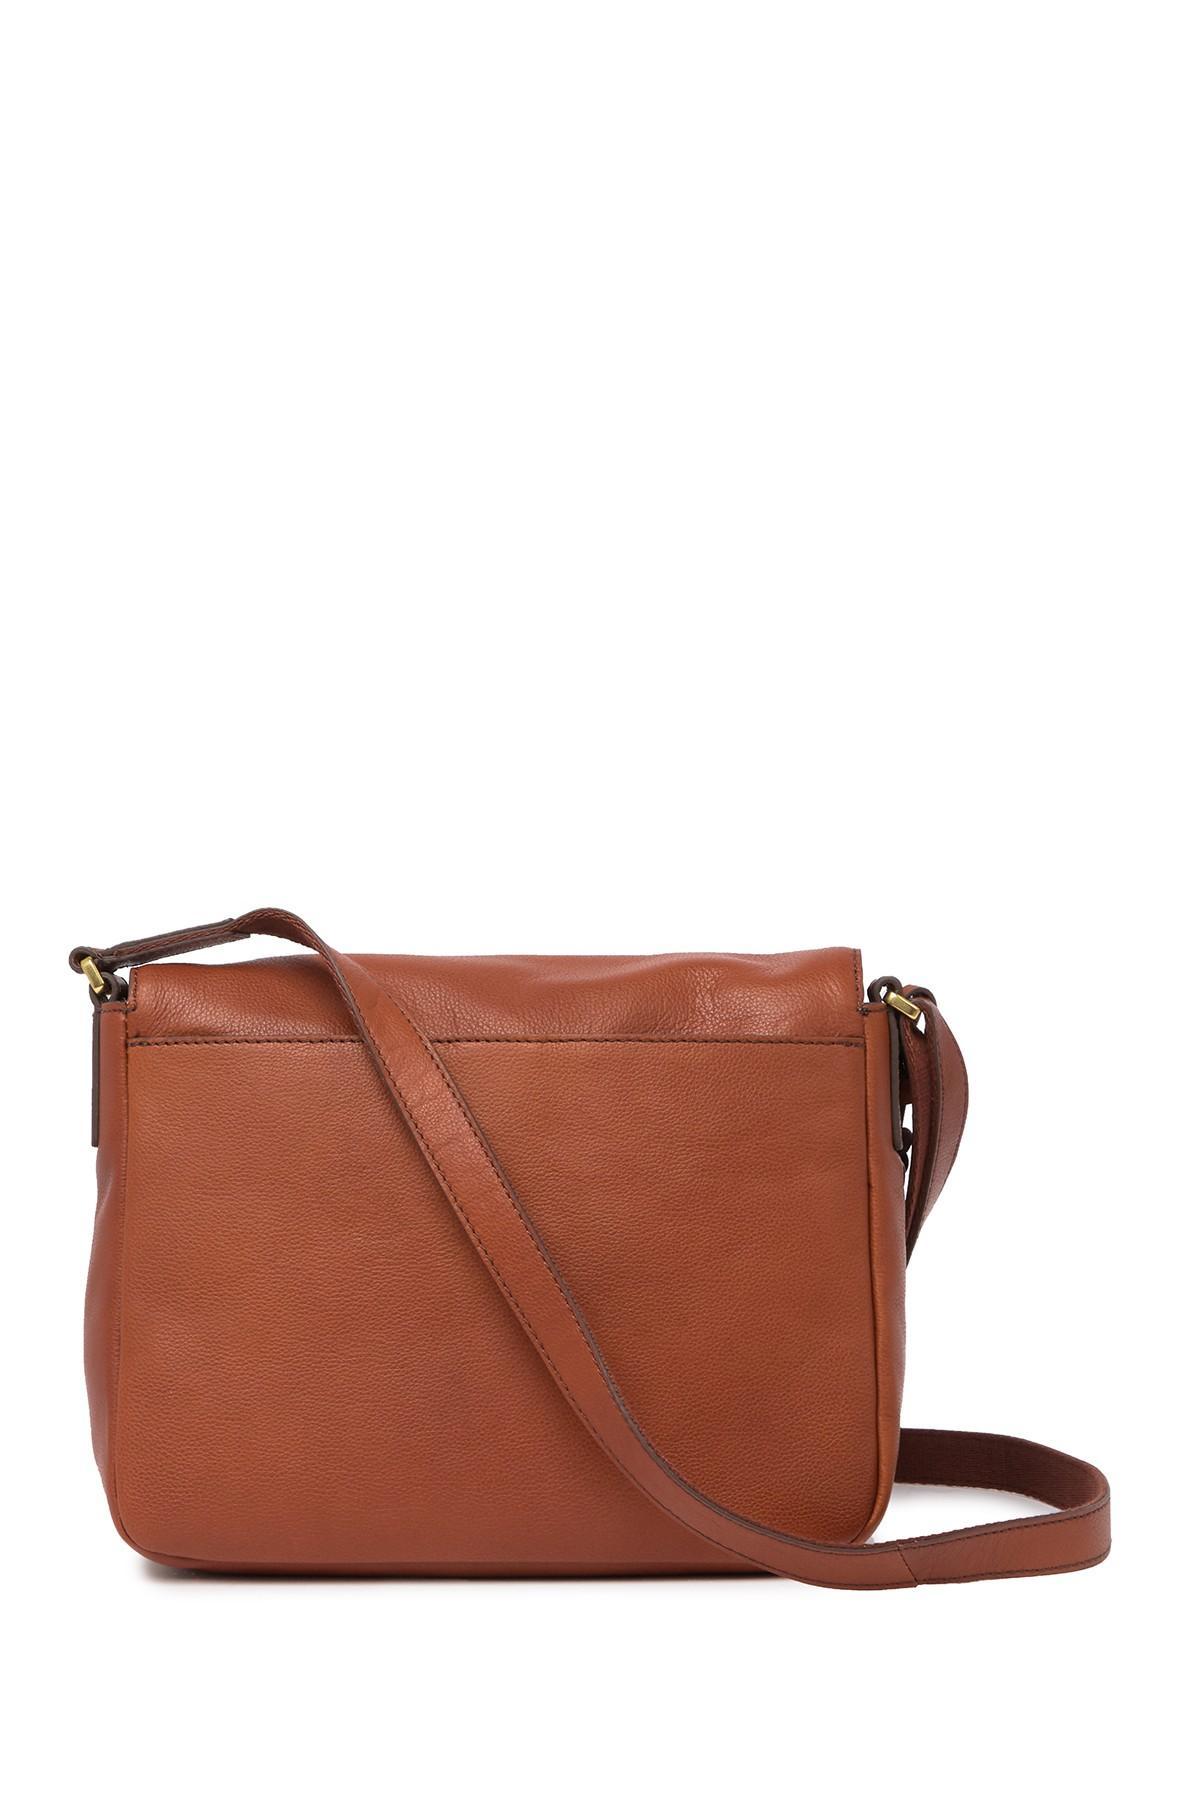 Fossil Peyton Shoulder Bag leather 32 cm